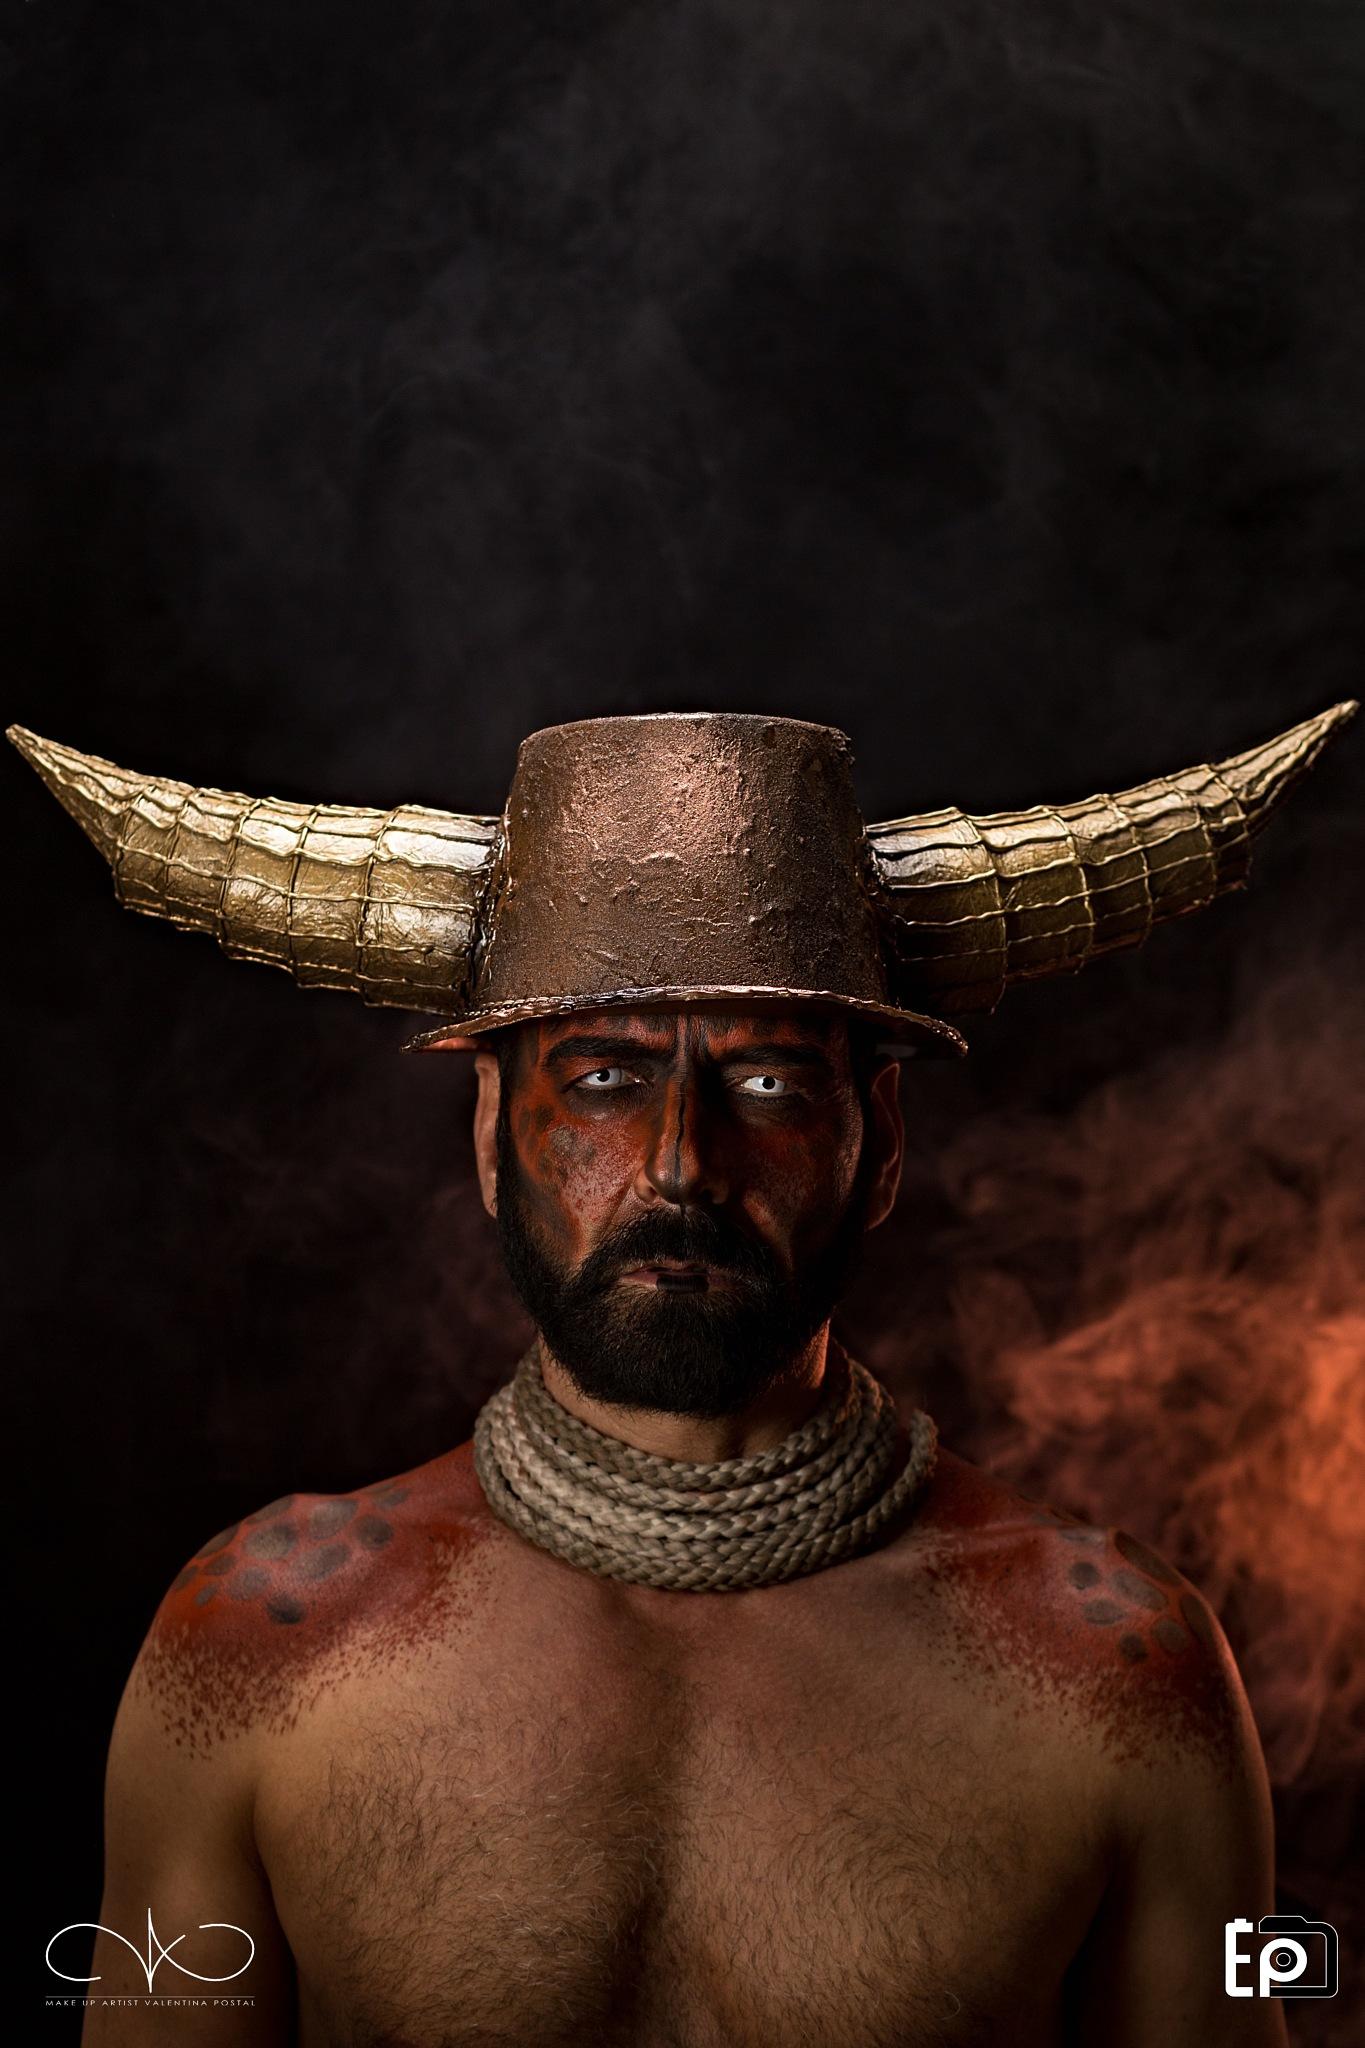 Demon by Enrico Pretto